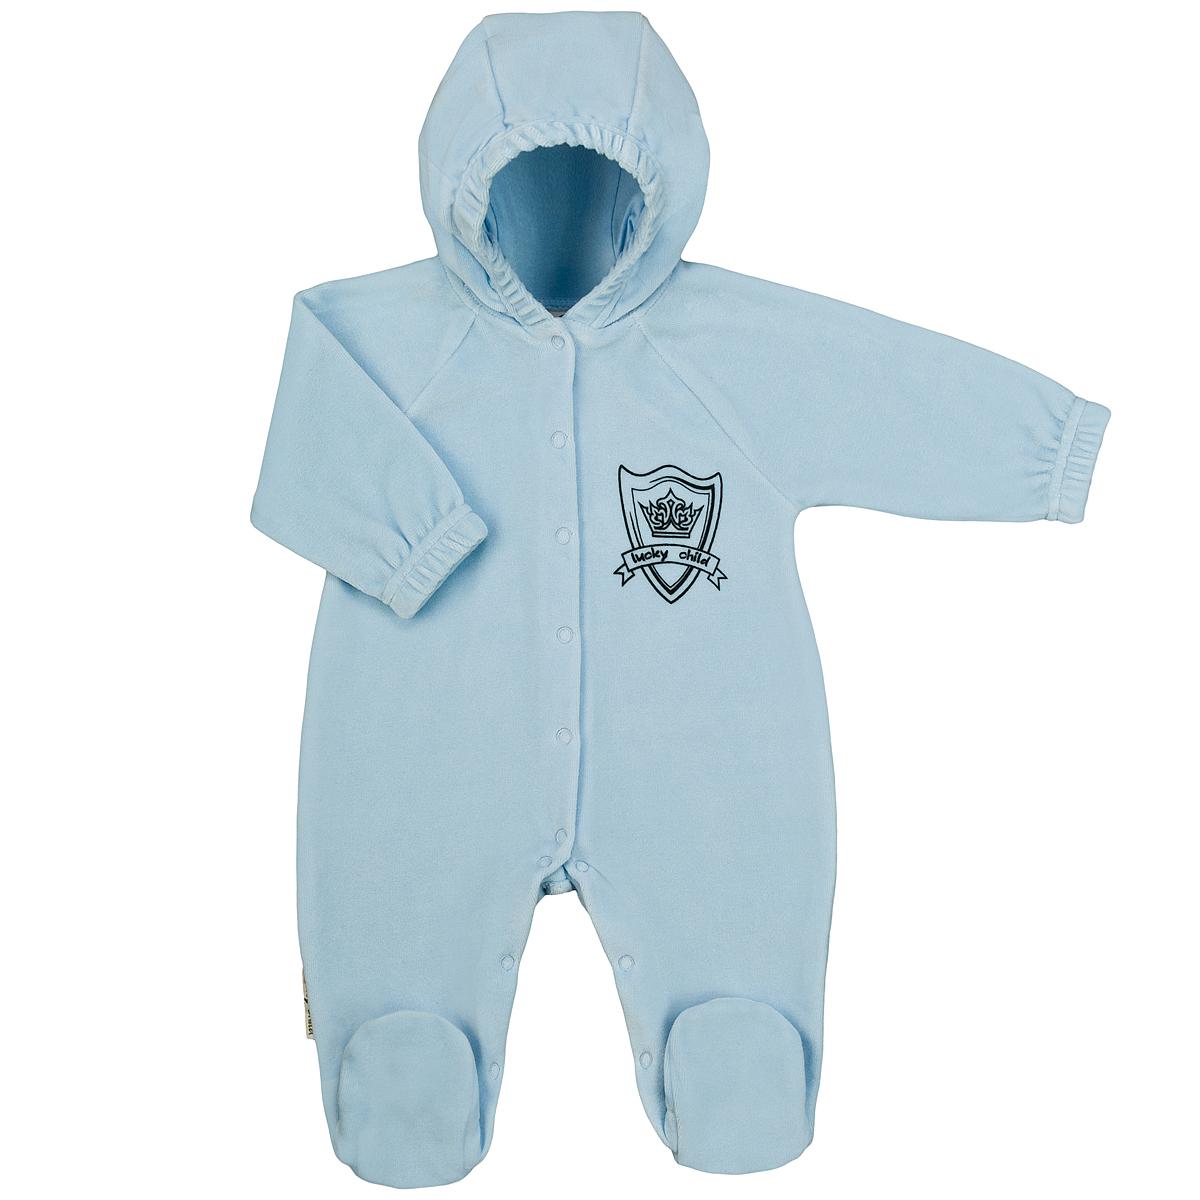 Комбинезон домашний3-21Детский комбинезон с капюшоном для мальчика Lucky Child - очень удобный и практичный вид одежды для малышей. Комбинезон выполнен из велюра, благодаря чему он необычайно мягкий и приятный на ощупь, не раздражают нежную кожу ребенка и хорошо вентилируются, а эластичные швы приятны телу малыша и не препятствуют его движениям. Комбинезон с длинными рукавами-реглан и закрытыми ножками имеет застежки-кнопки по центру от горловины до щиколоток, которые помогают легко переодеть младенца или сменить подгузник. На груди он оформлен оригинальным принтом в виде логотипа бренда. Рукава понизу дополнены неширокими эластичными манжетами, не перетягивающими запястья. С детским комбинезоном Lucky Child спинка и ножки вашего малыша всегда будут в тепле. Комбинезон полностью соответствует особенностям жизни младенца в ранний период, не стесняя и не ограничивая его в движениях!